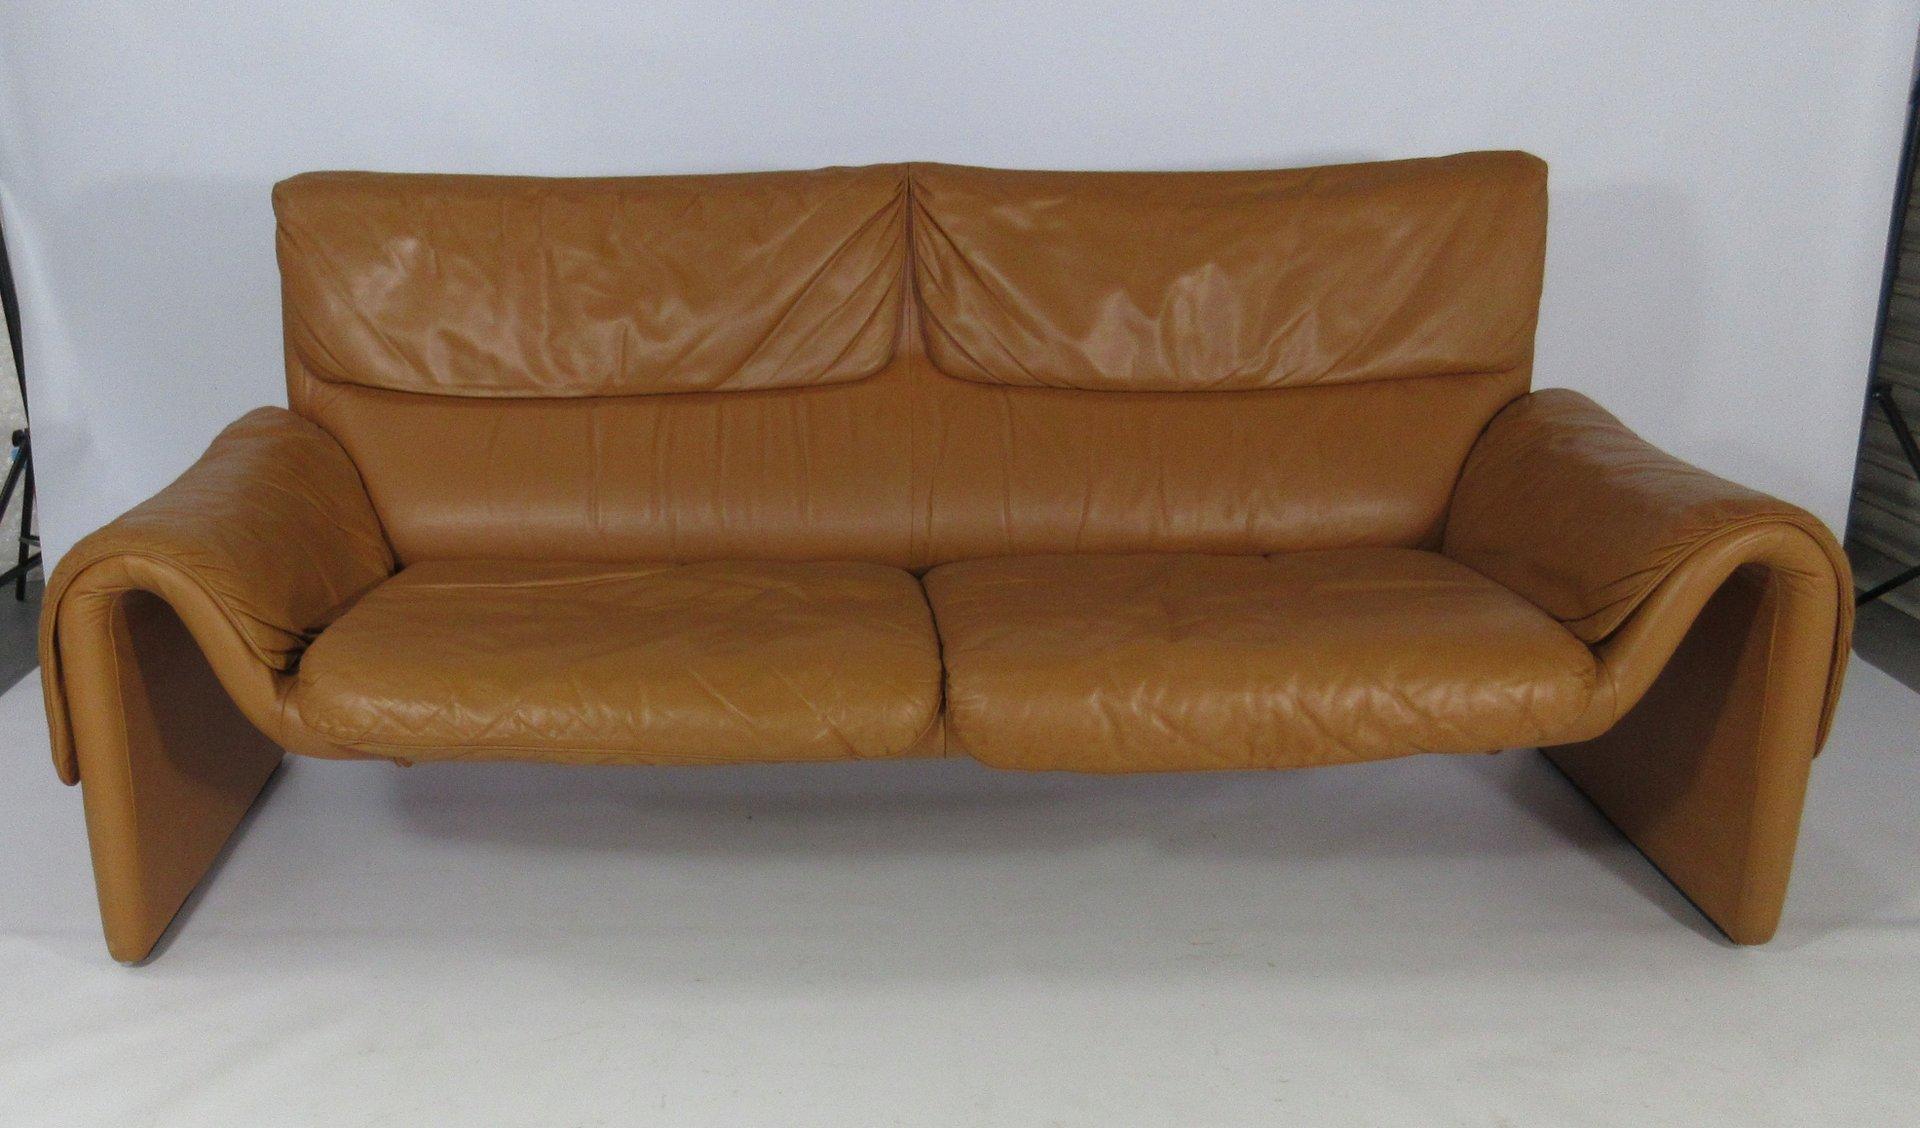 modell ds 2011 sofa aus leder in hellbraun von de sede bei pamono kaufen. Black Bedroom Furniture Sets. Home Design Ideas